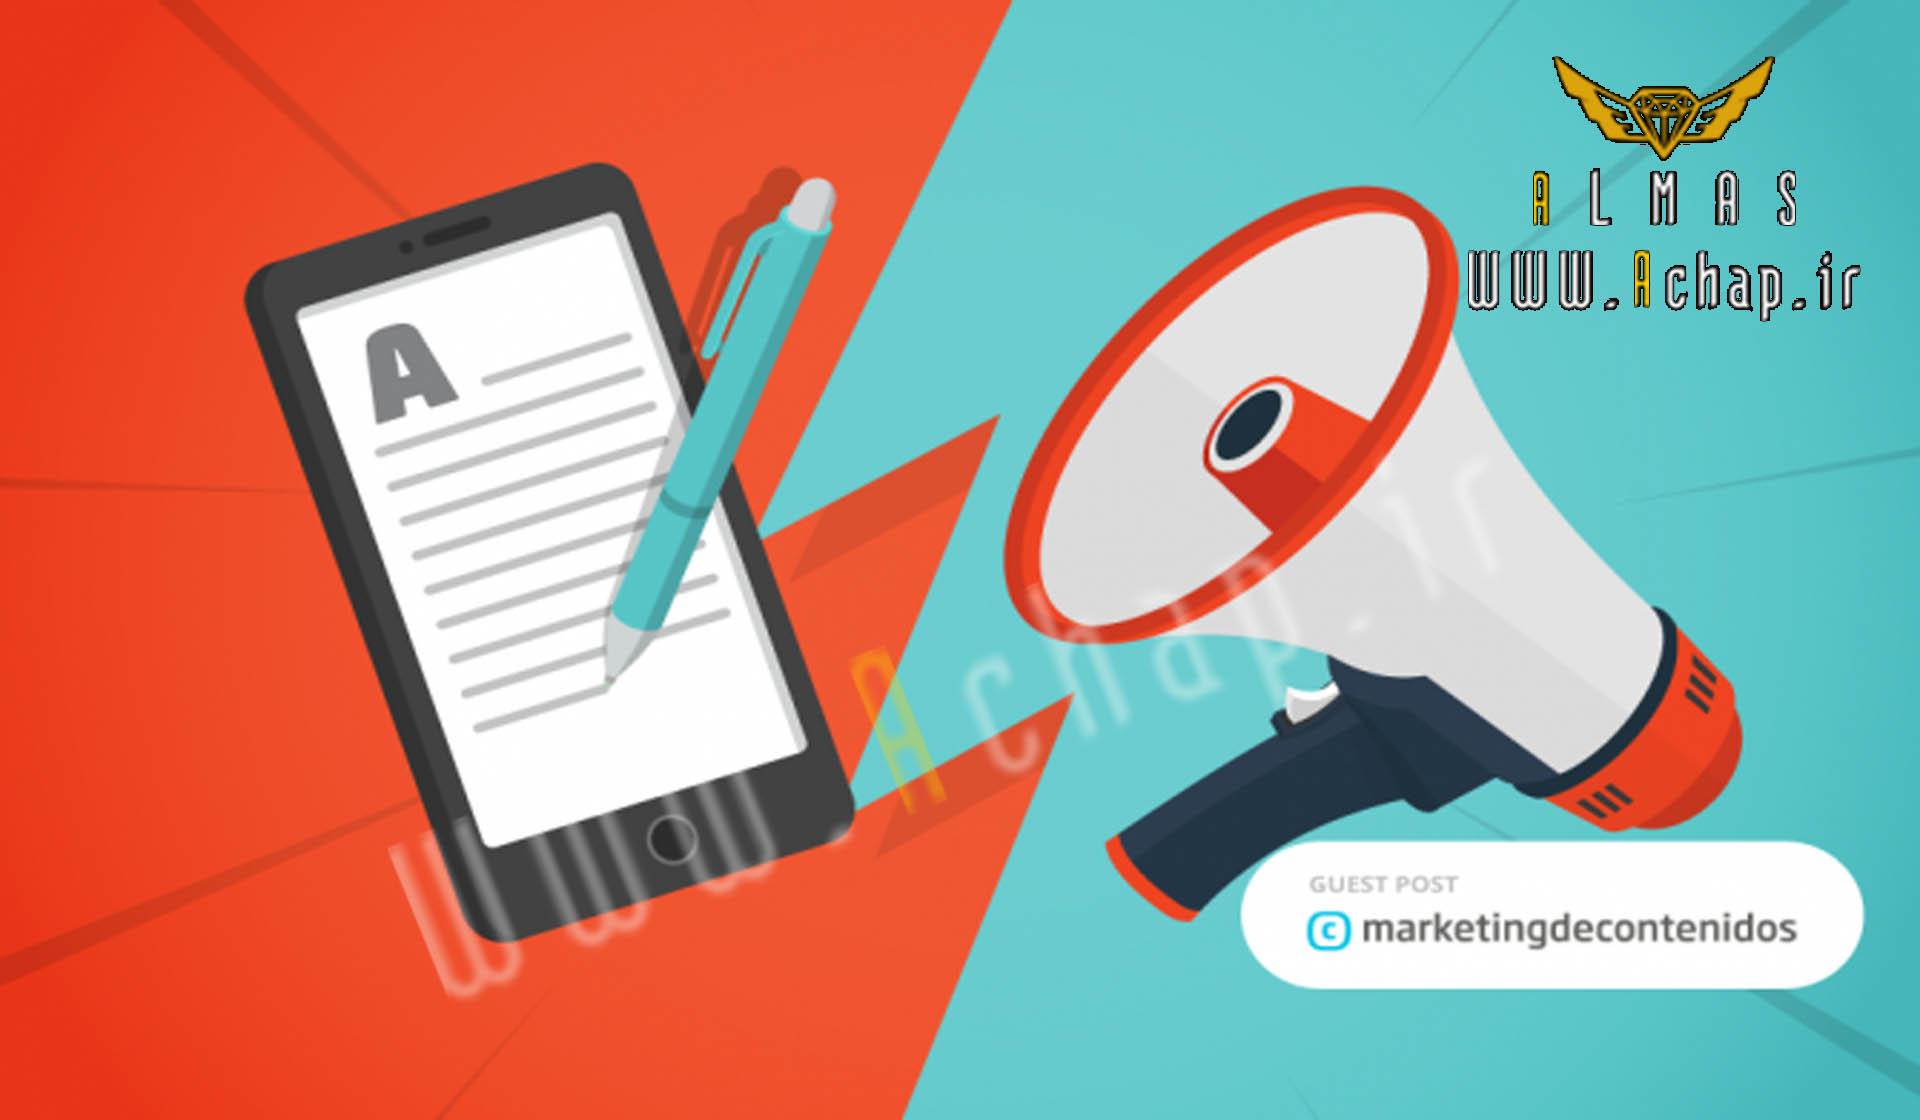 تبلیغات - achap - مسئولیت اجتماعی شرکت ها وعملکرد بازاریابی (بخش1) -